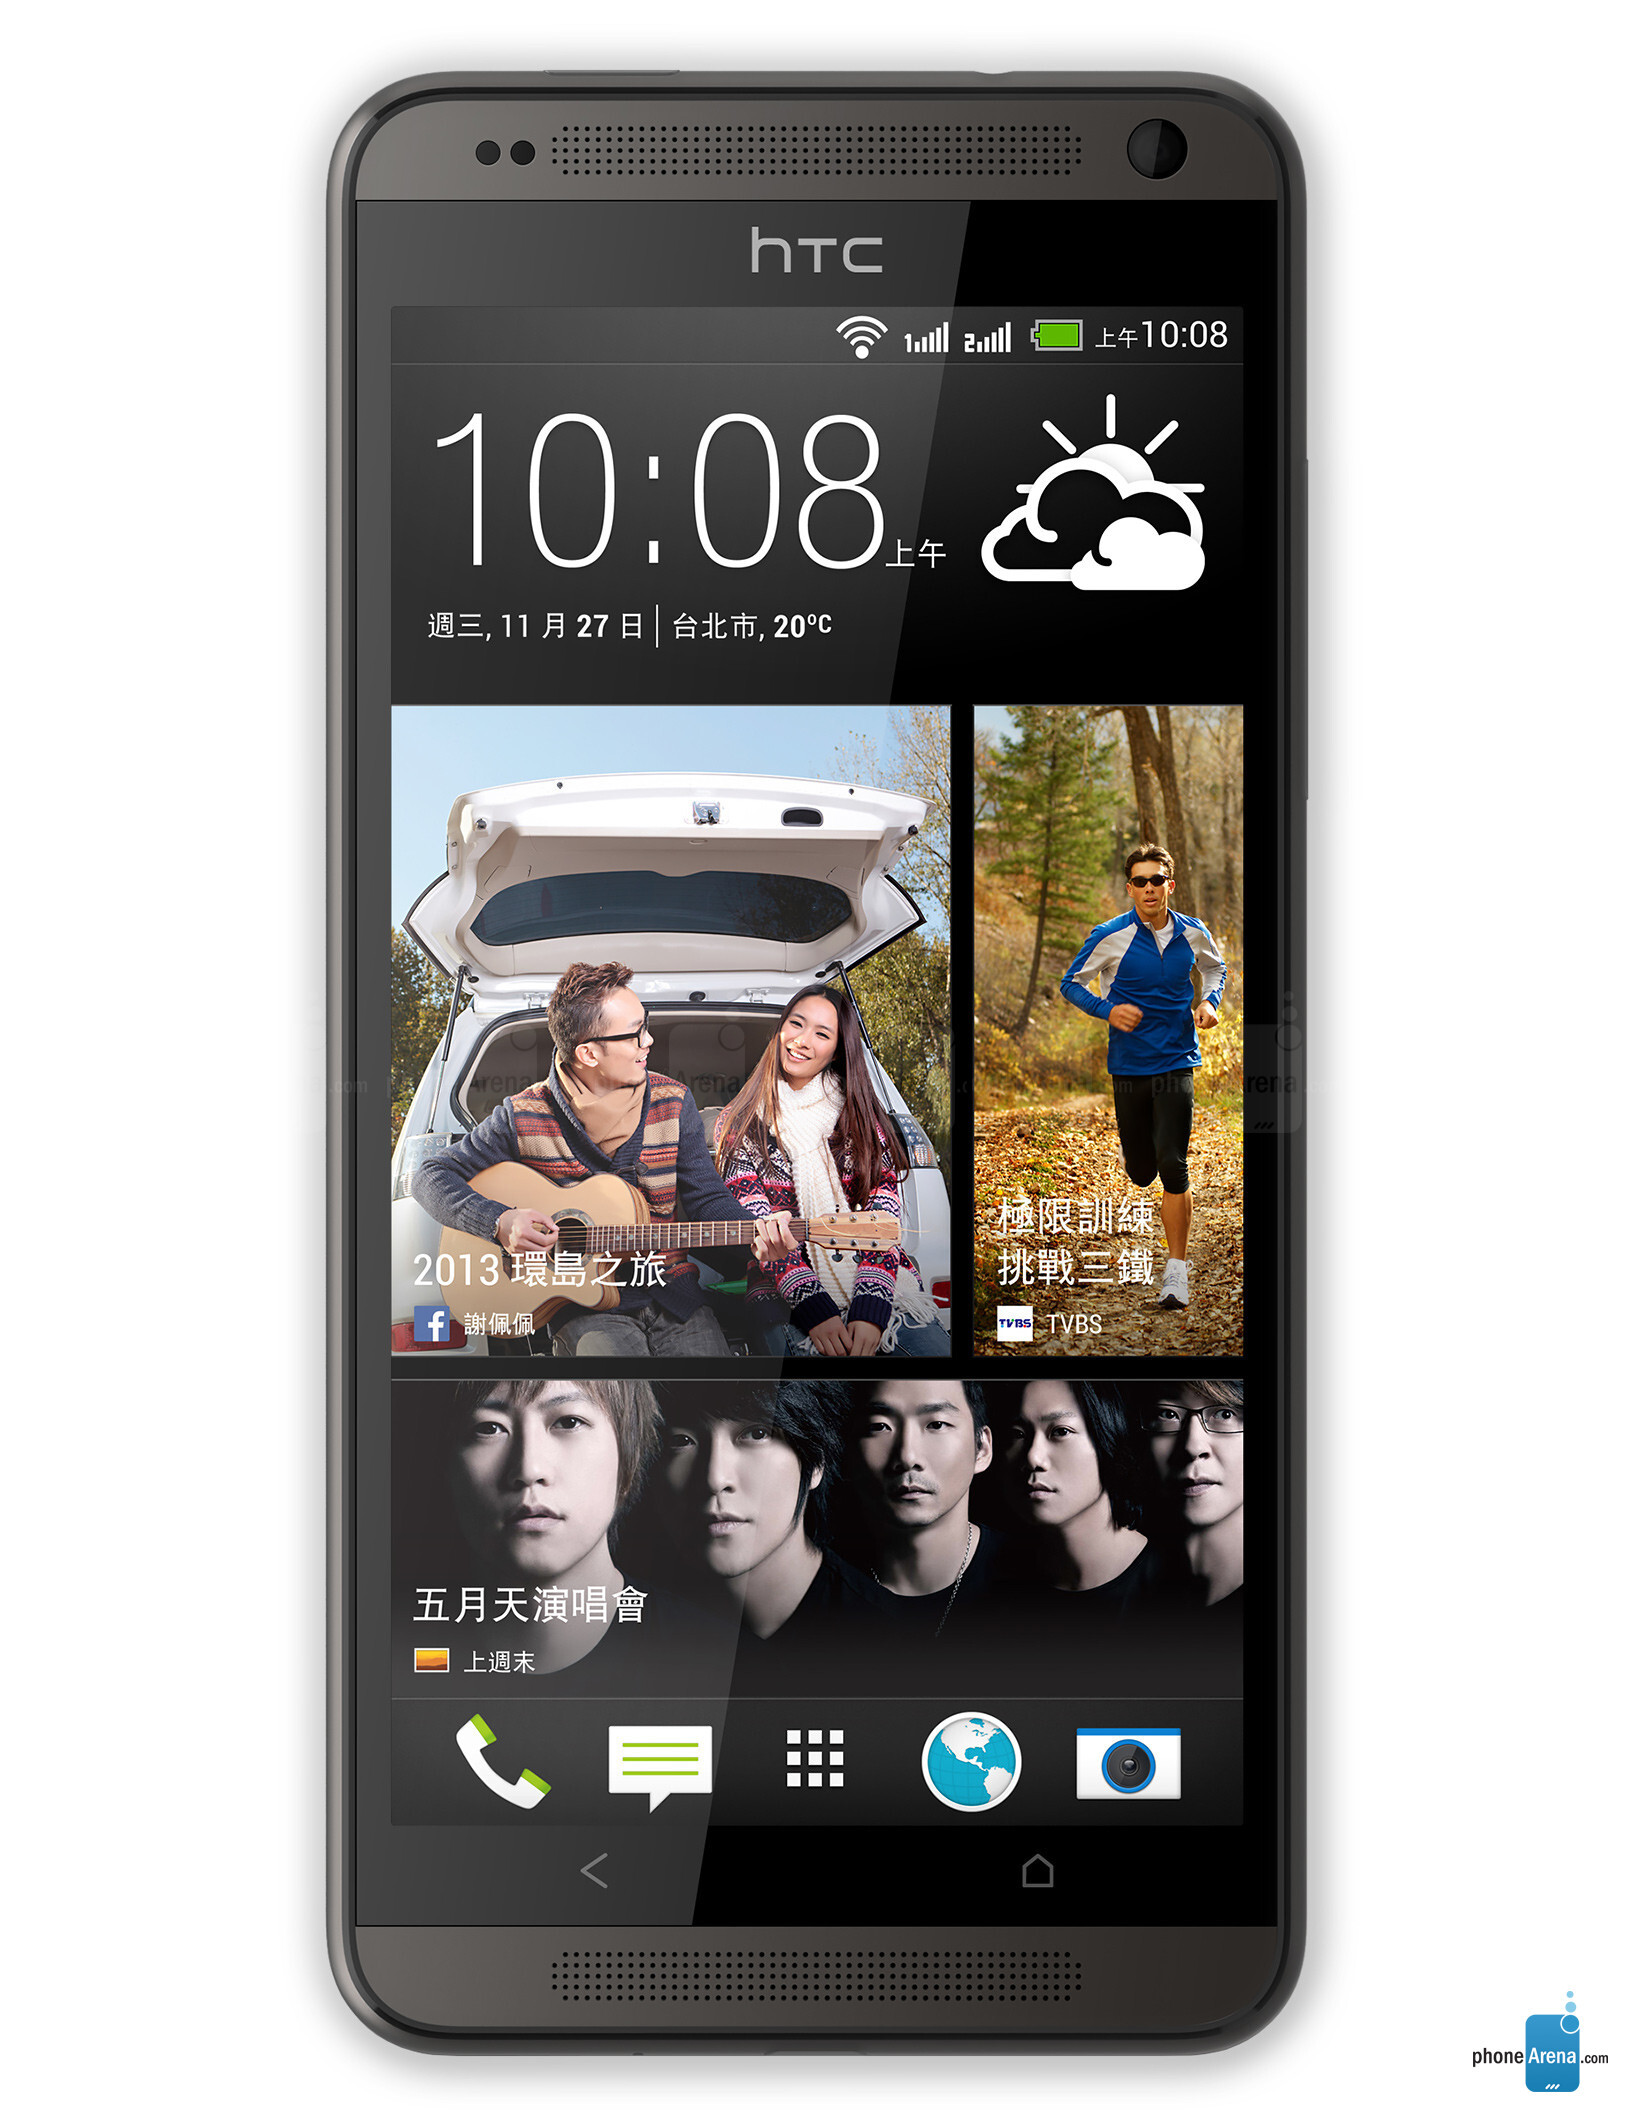 HTC Desire 700 specs